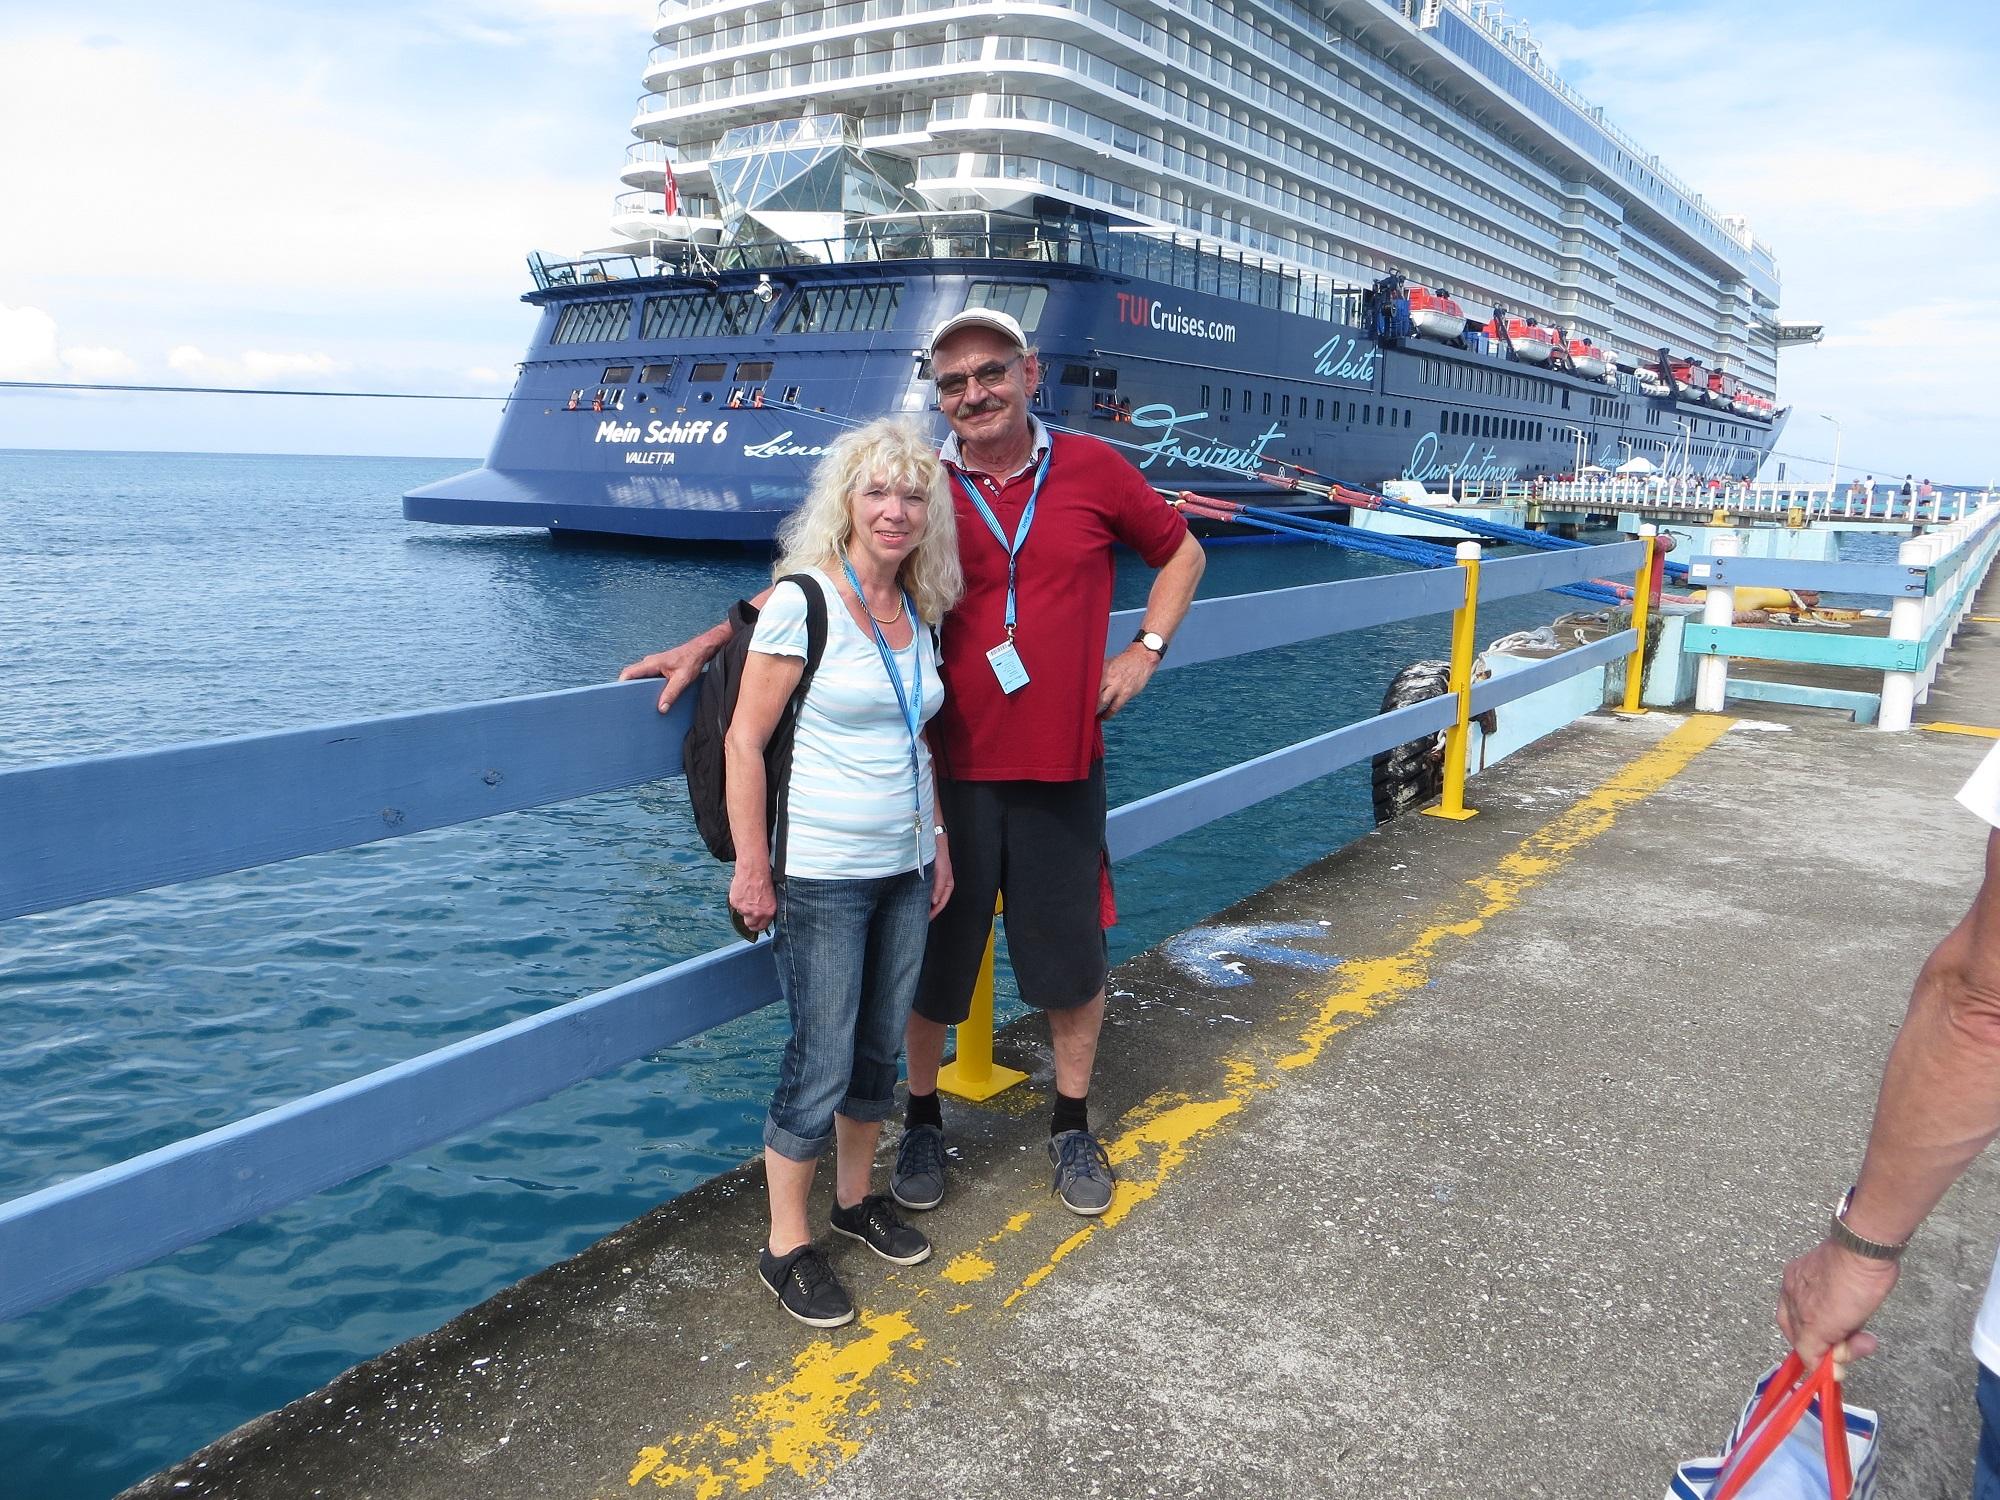 Mein Schiff Blog Gastautorin Susanne Apenbrink mit Ihrem Mann